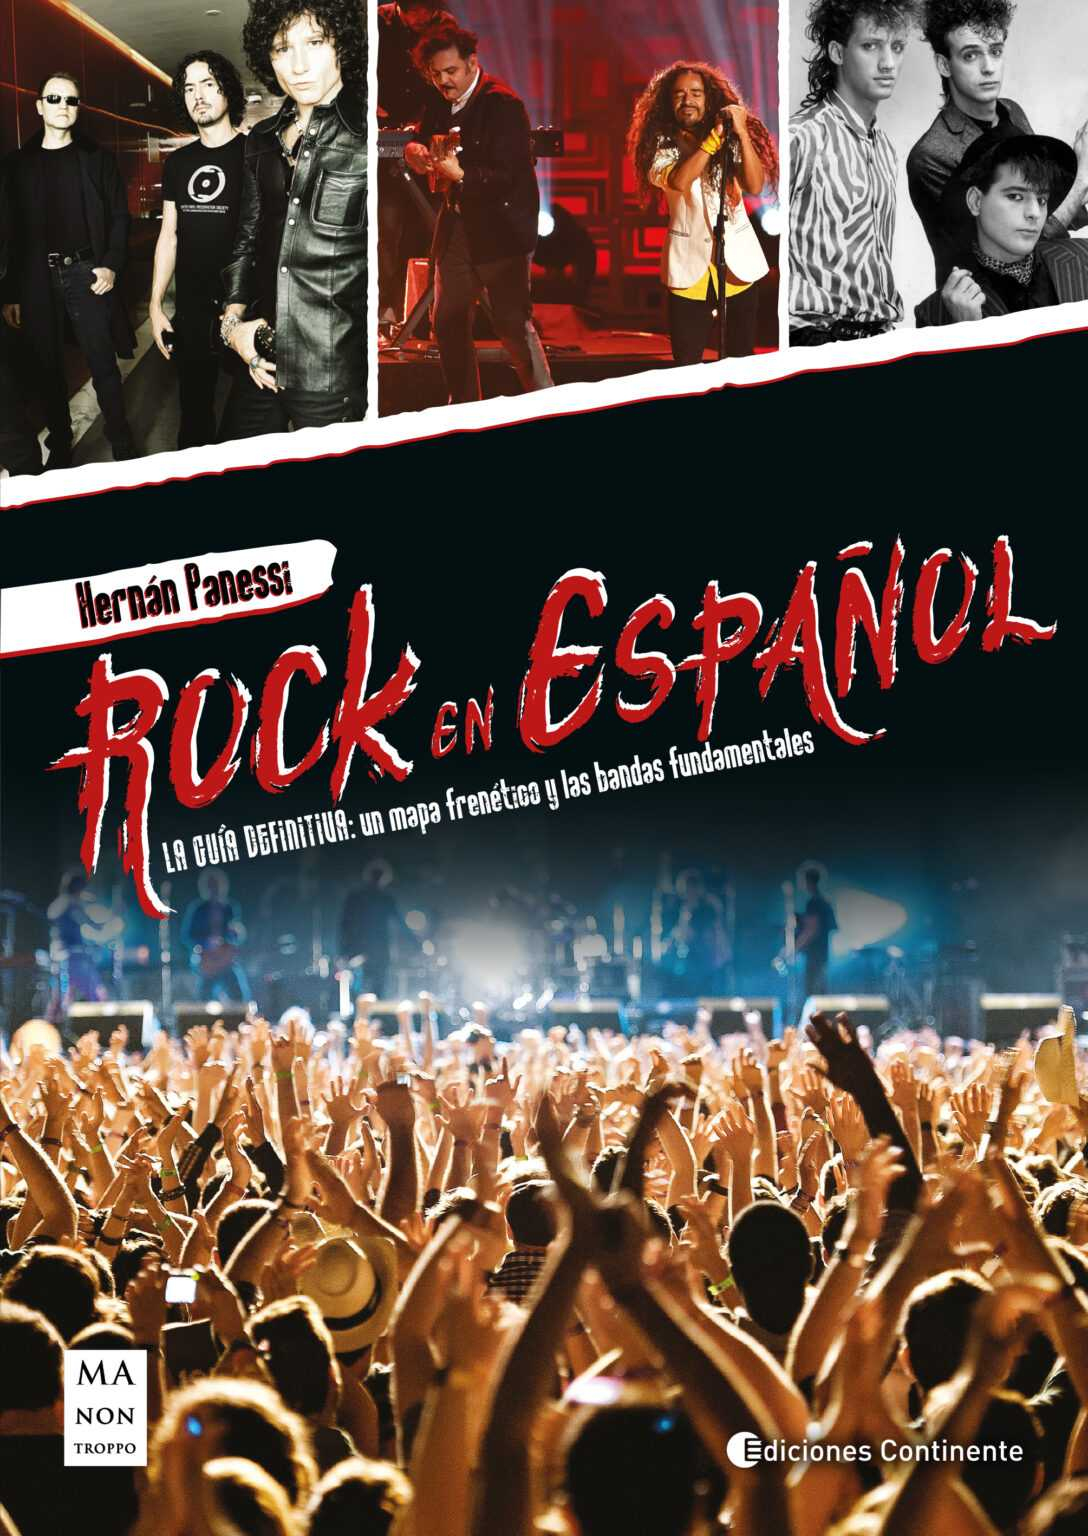 """La historia del rock en español desde el punto de vista latinoamericano<span class=""""wtr-time-wrap after-title""""><span class=""""wtr-time-number"""">7</span> minutos de lectura</span>"""